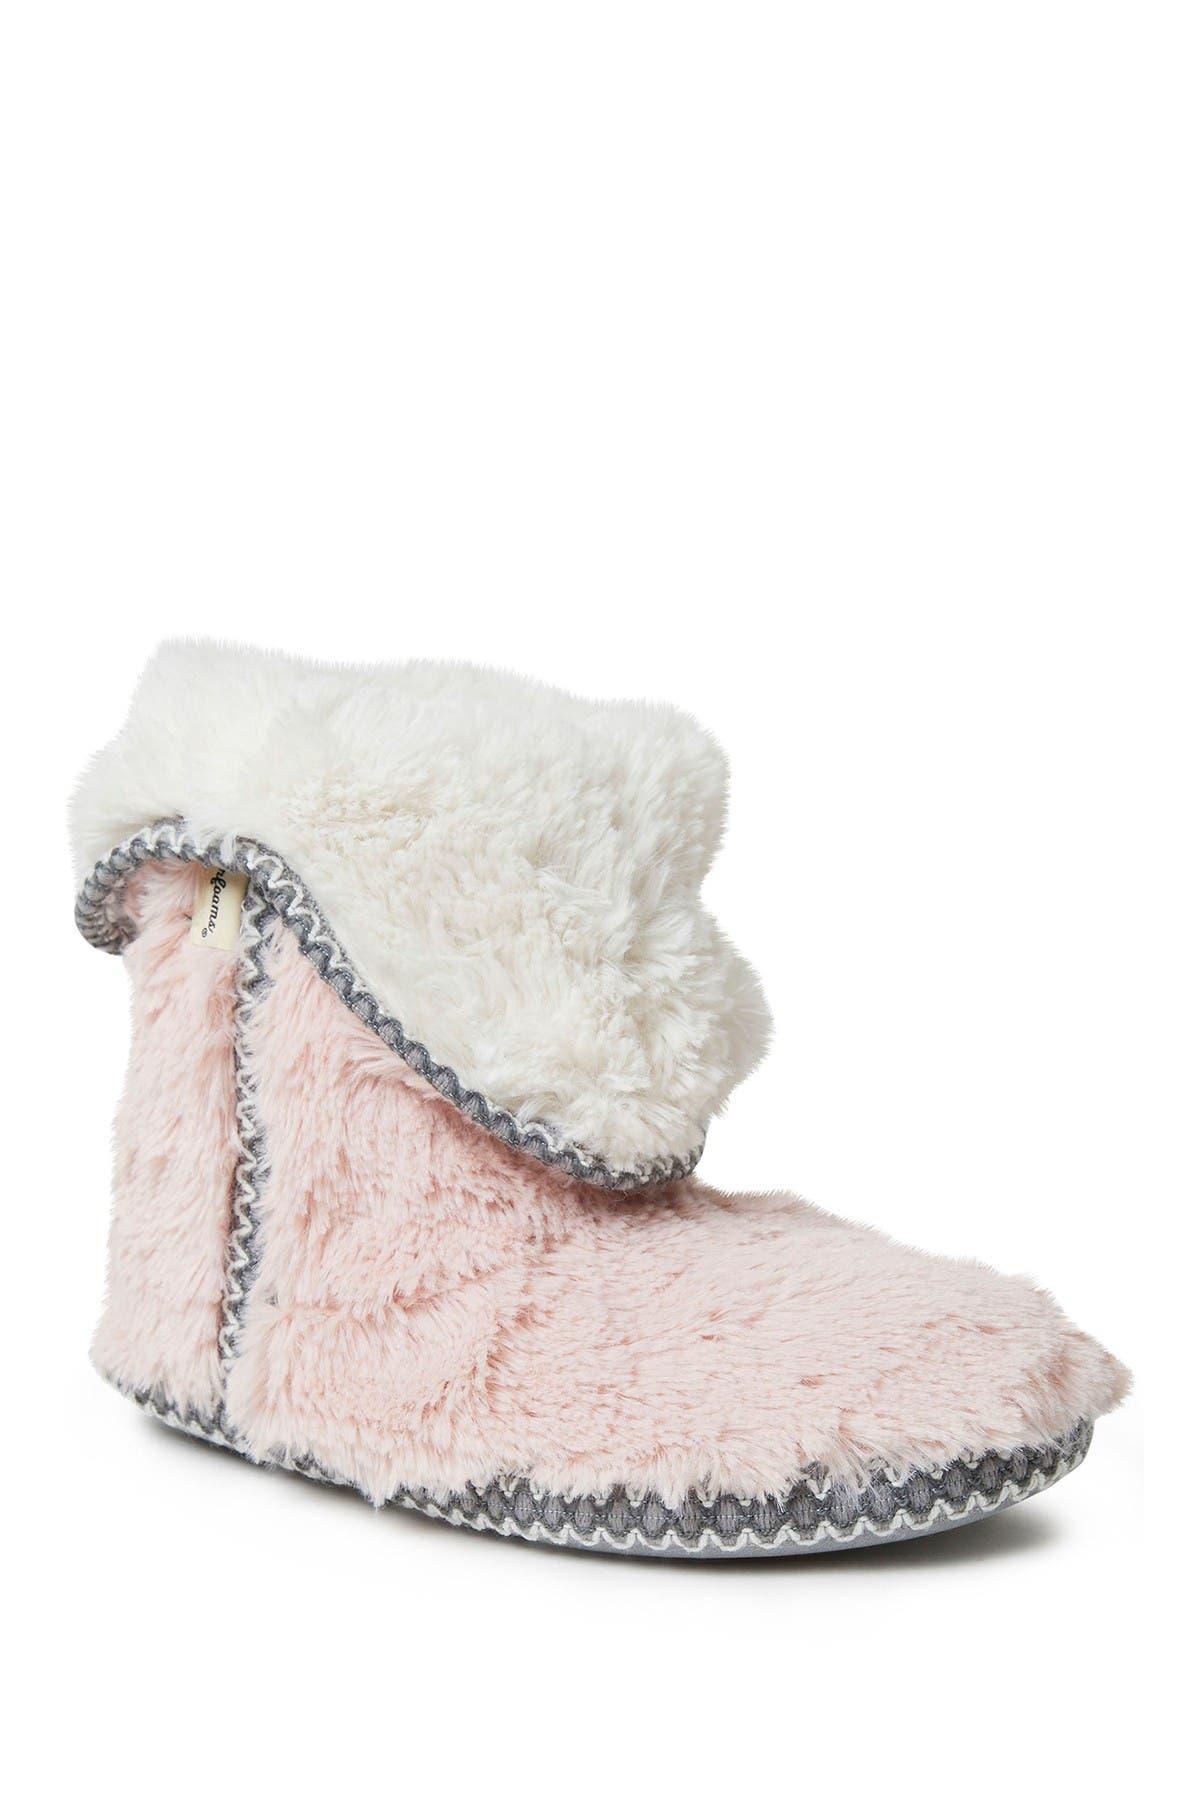 Image of Dearfoams Plush Faux Fur Bootie Slipper